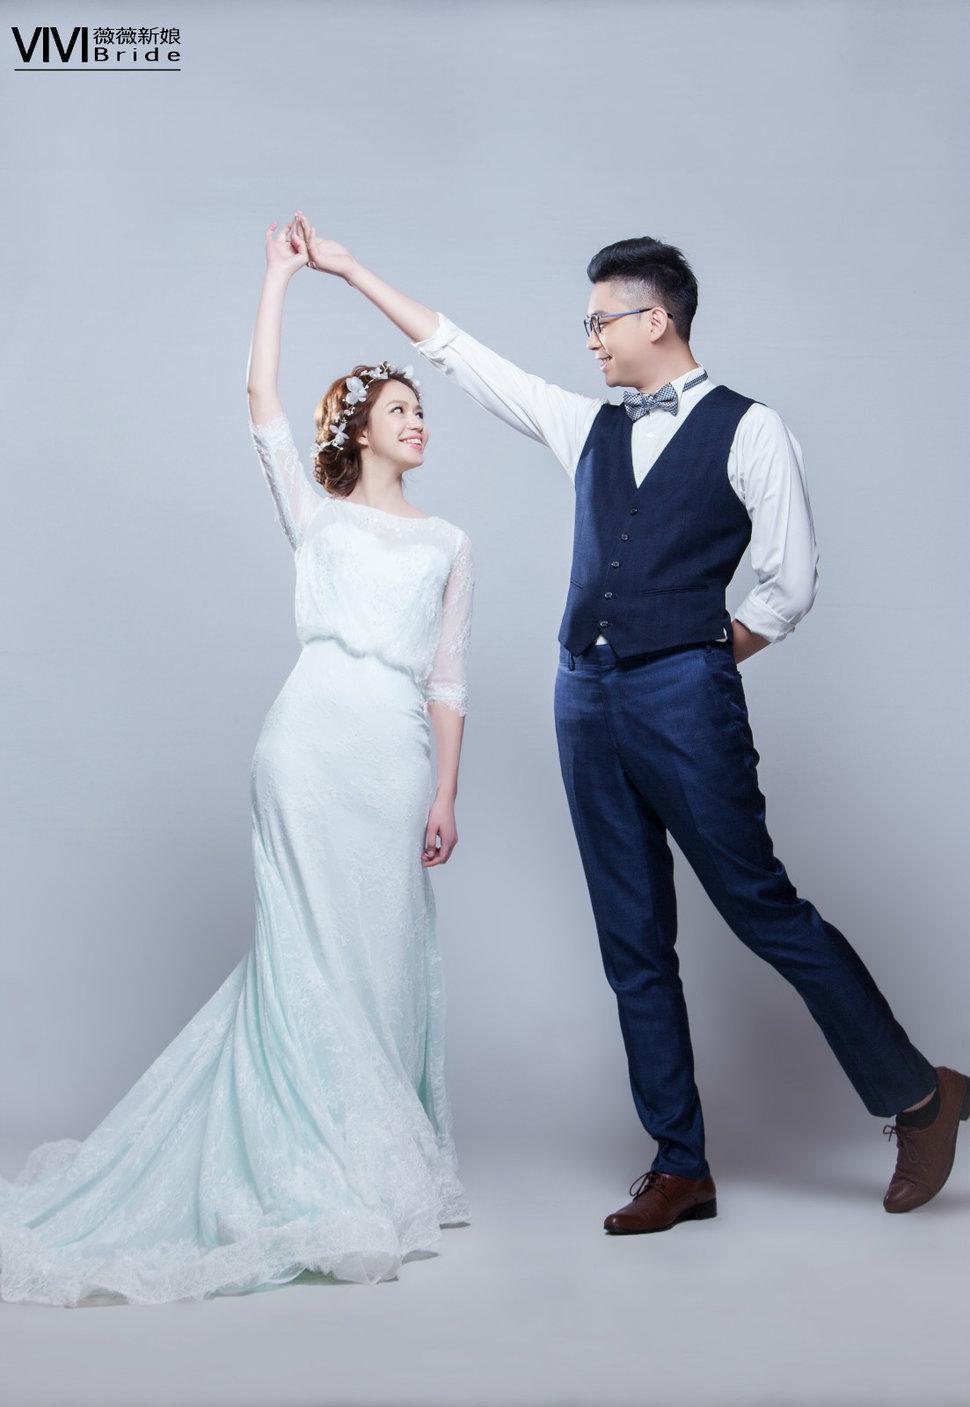 IMG_9356 - VIVI Bride 薇薇新娘 婚紗攝影《結婚吧》